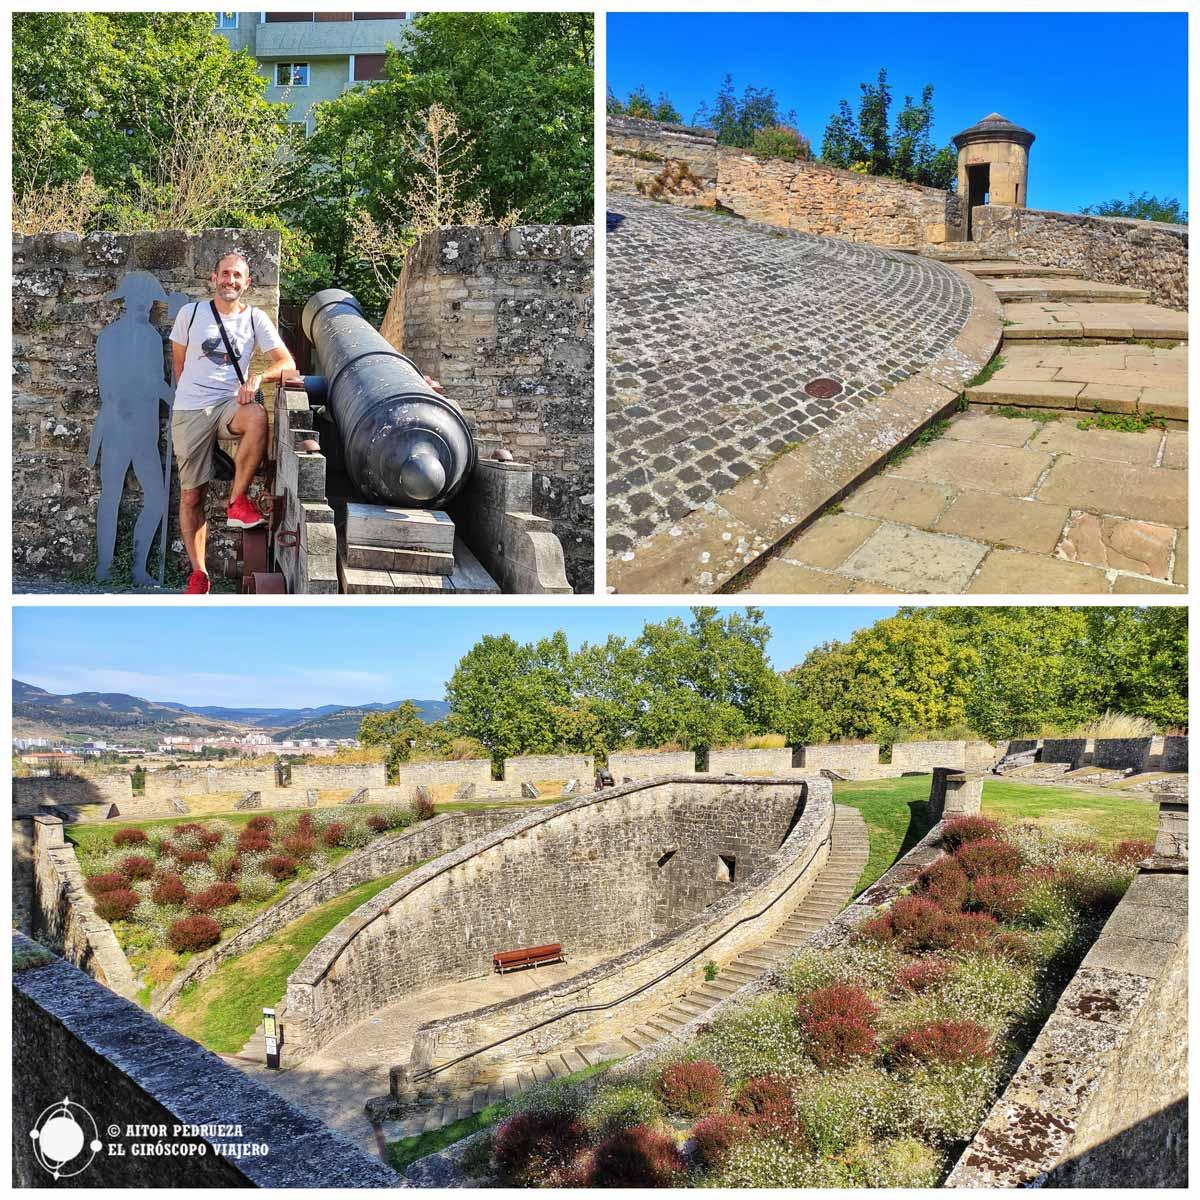 Las murallas de Pamplona componen uno de los mejores recintos defensivos conservados